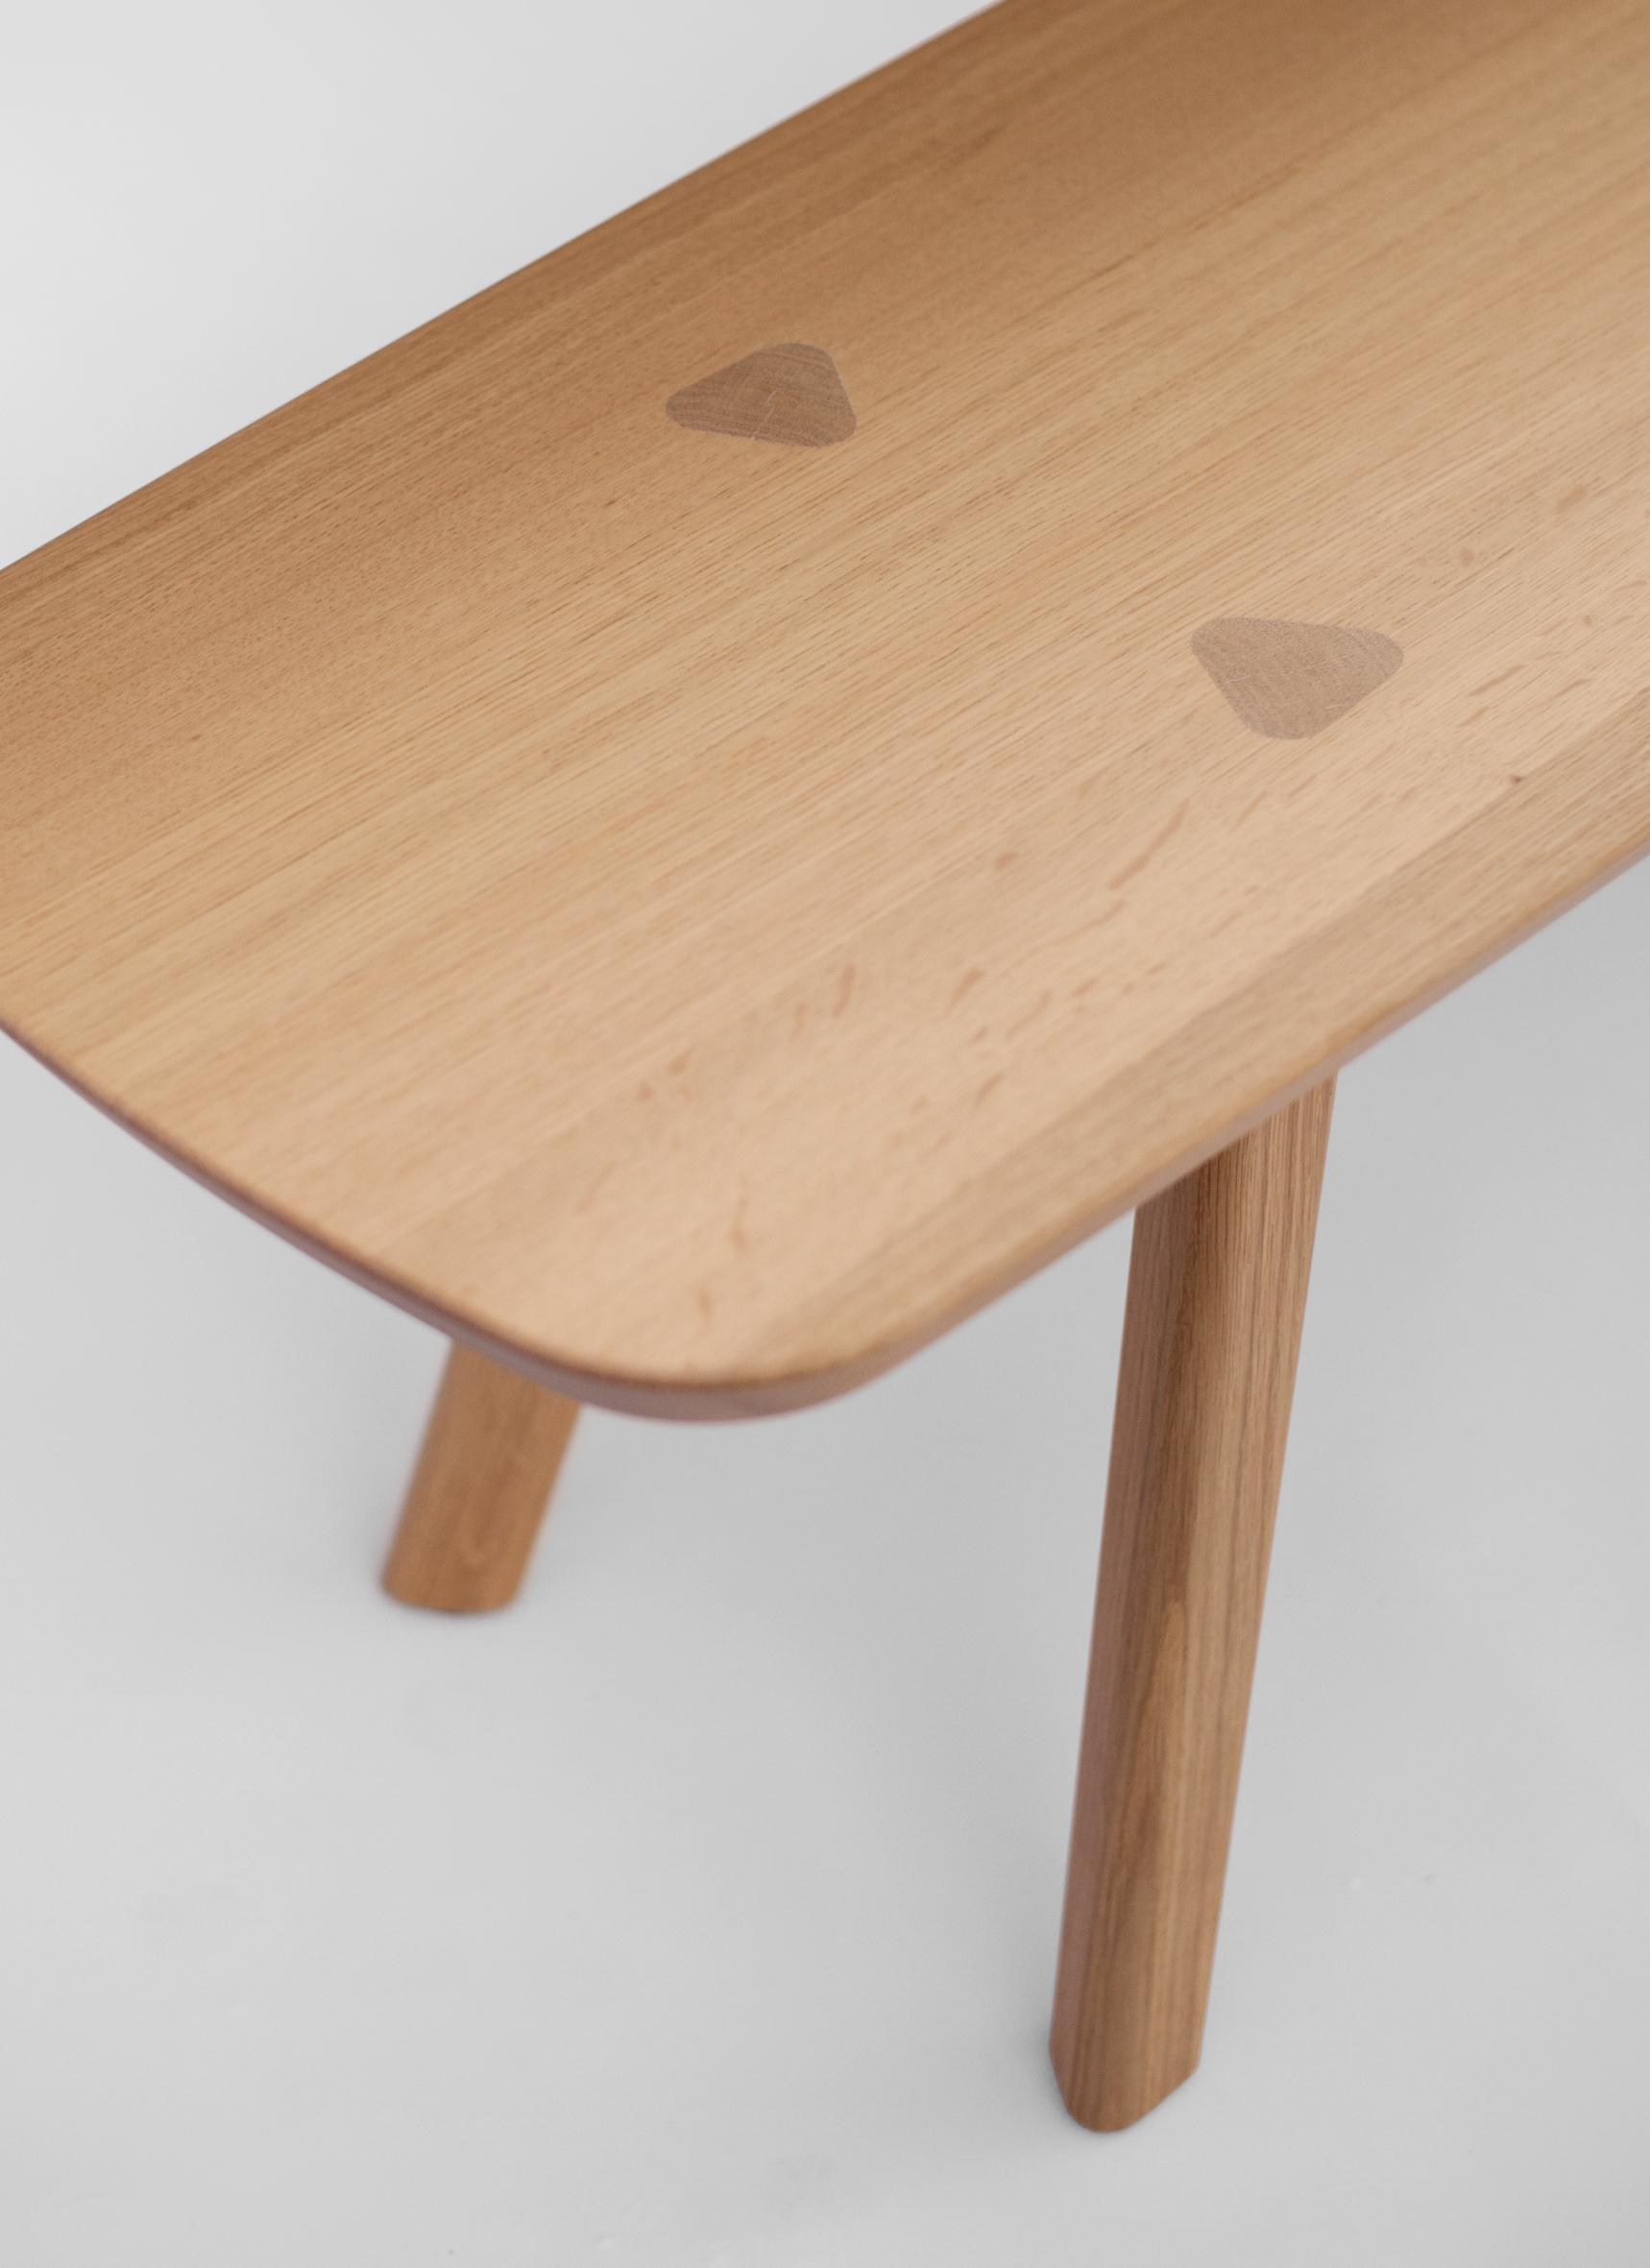 ... Tisch, Bank Und Stuhl. Die Beine Im Dreiecksprofil, Aber Auch Die  Tischplatte Und Sitzfläche Verjüngen Sich Nach Unten Hin Und Lassen Die ...